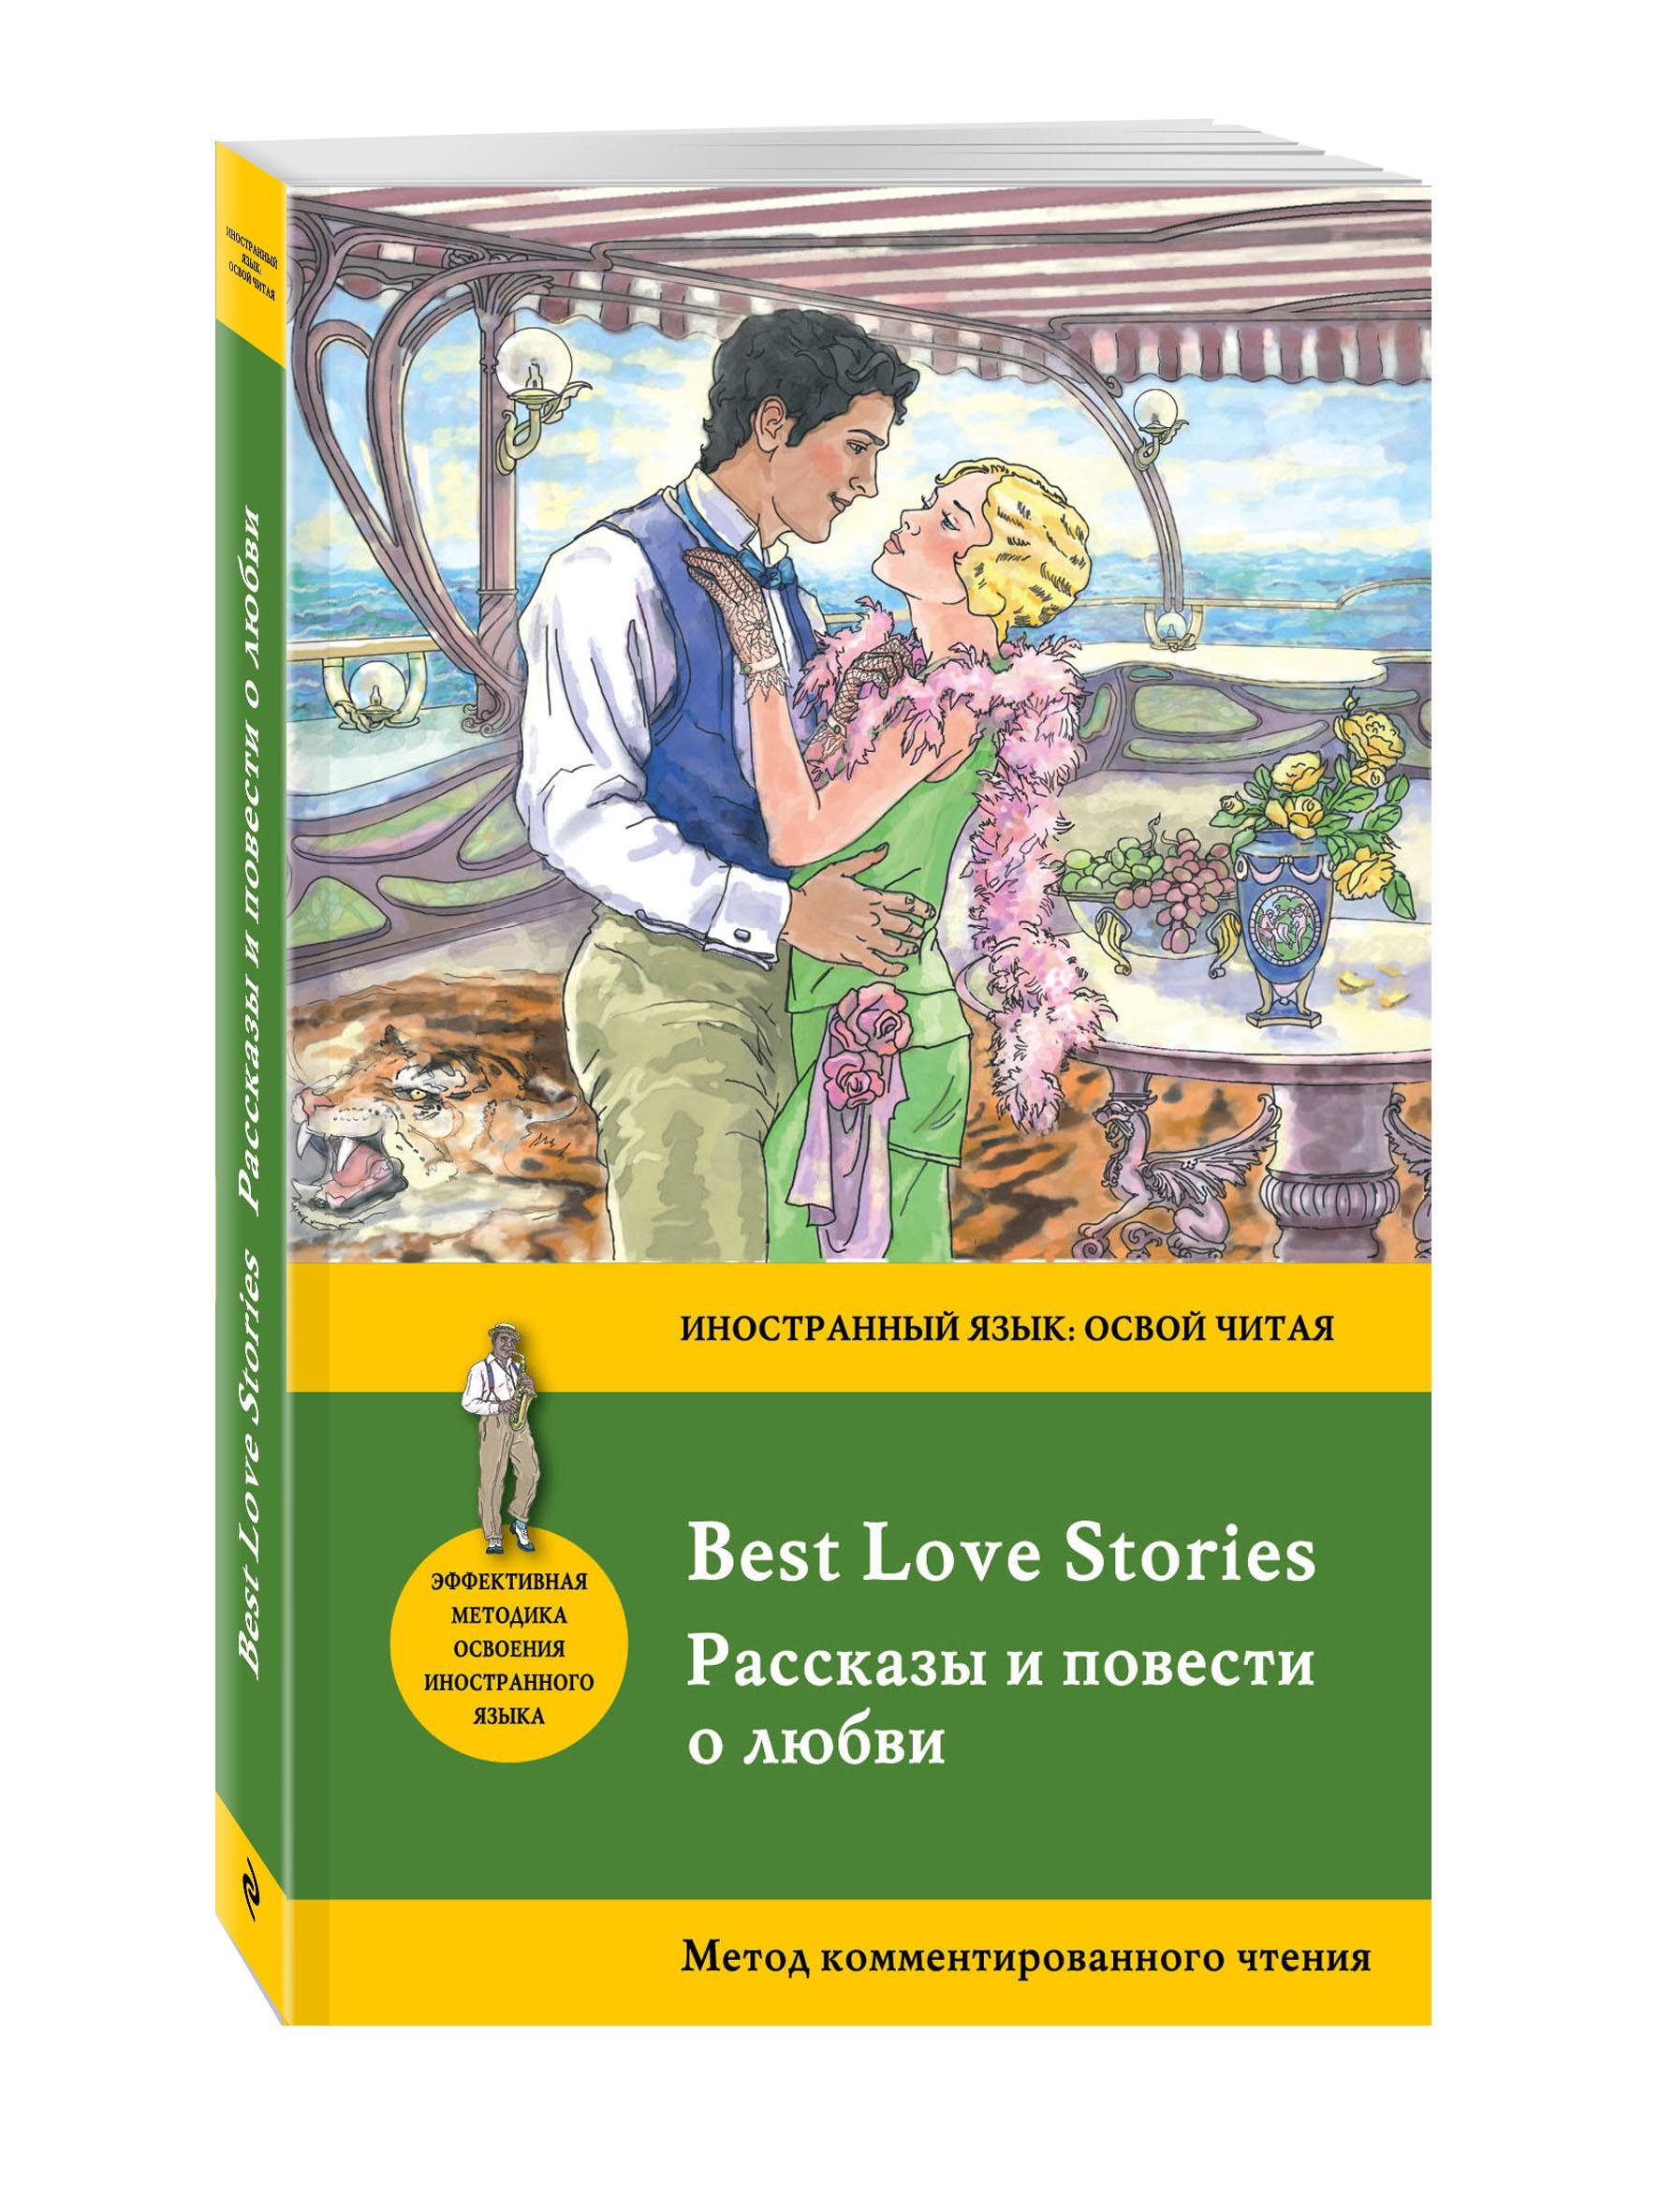 Ф. С. Фицджеральд, О. Генри, Р. Киплинг Рассказы и повести о любви = Best Love Stories. Метод комментированного чтения